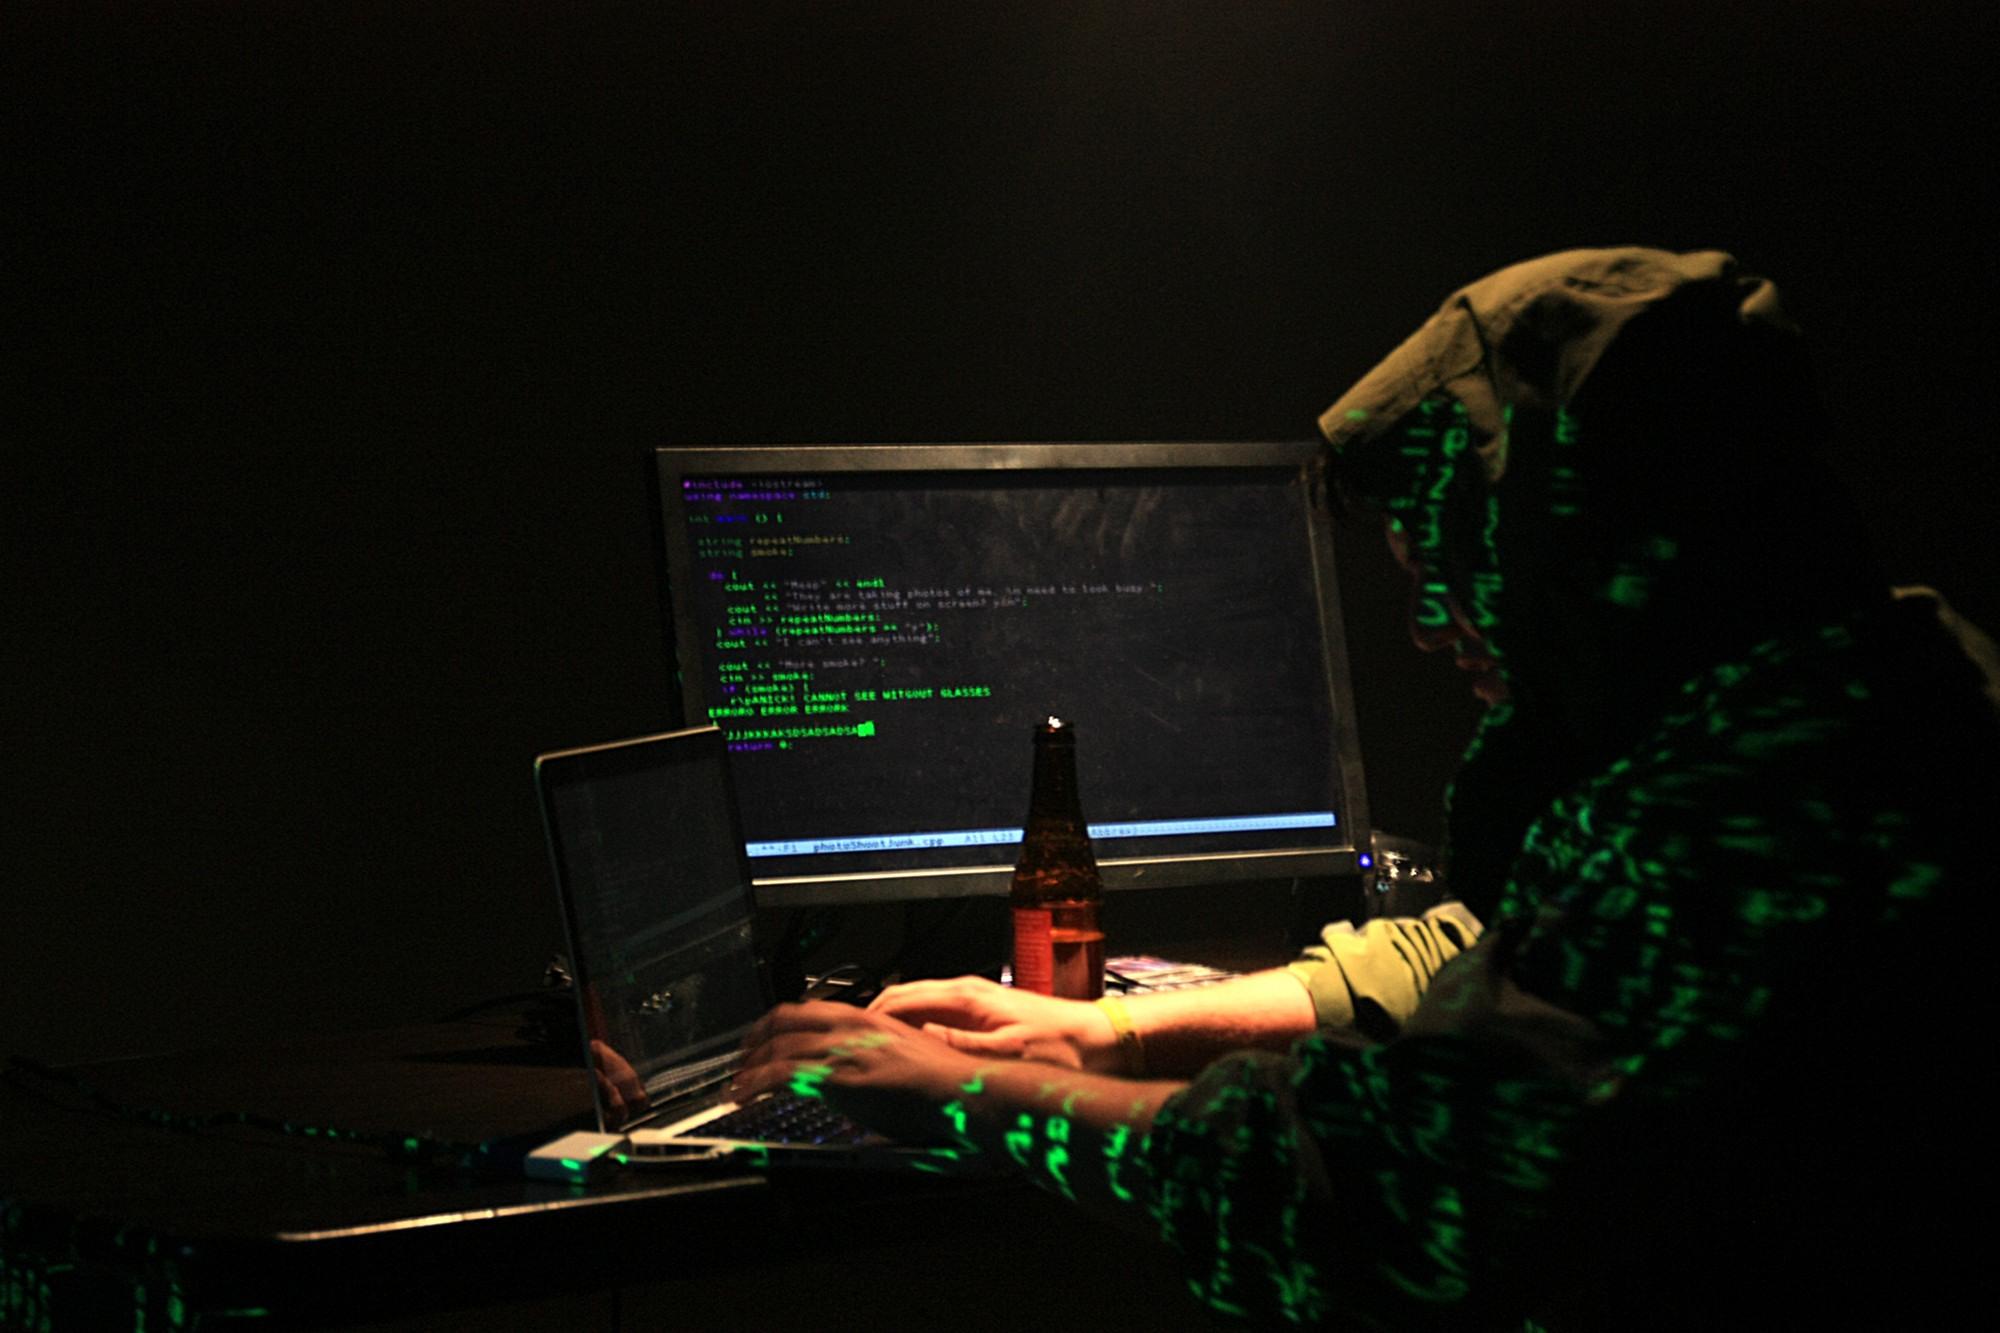 kybernetická bezpečnosť, hacker, jednotný digitálny trh